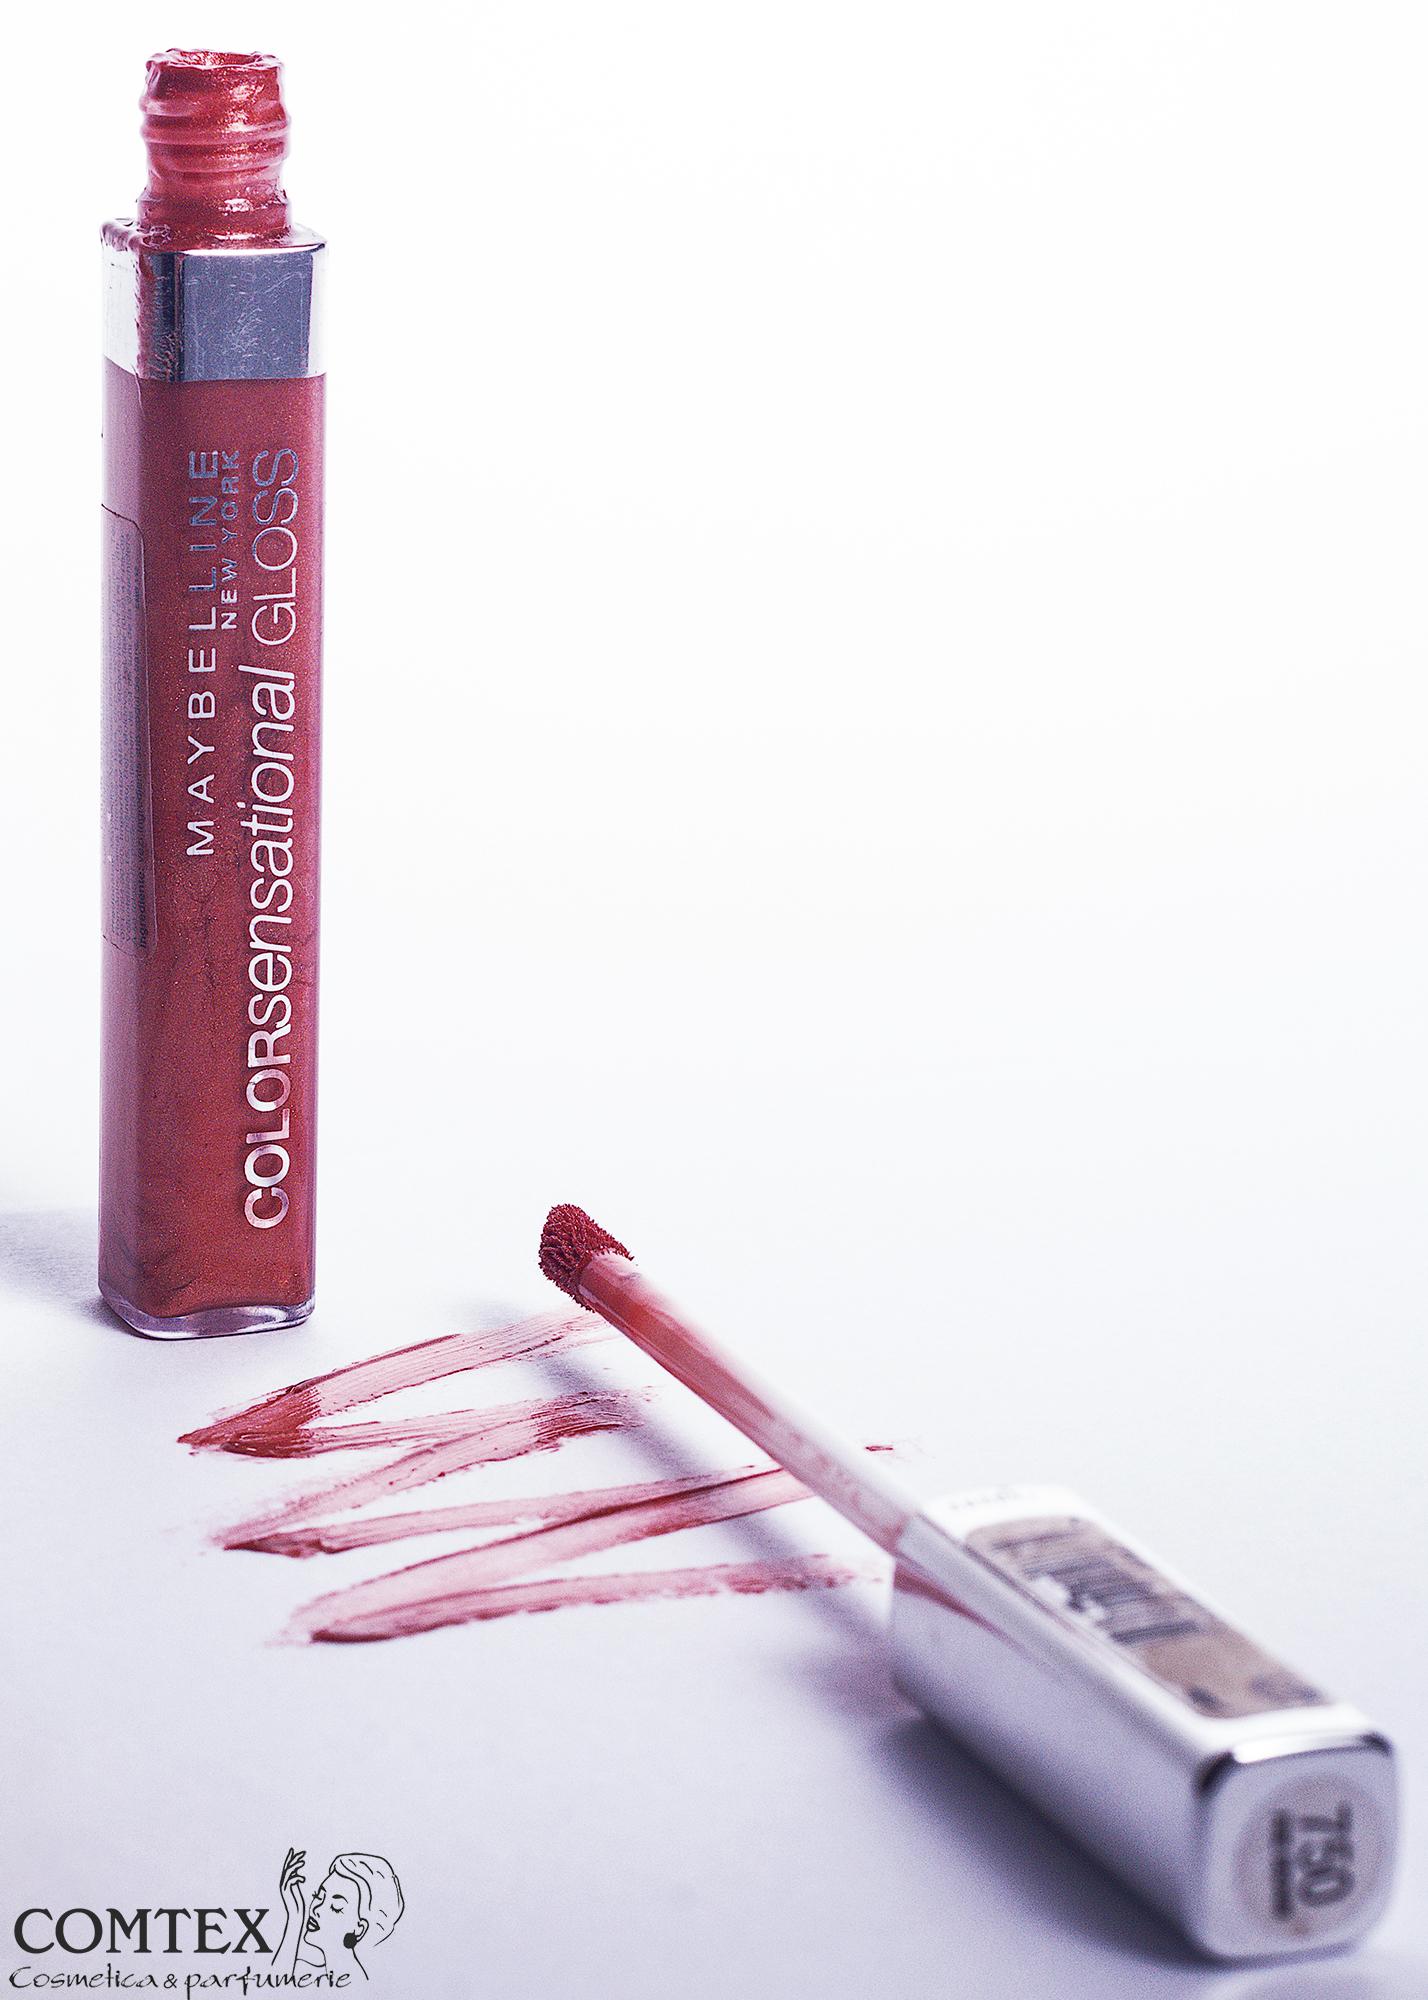 Iata Si Un Gloss, Pentru Cele Care Prefera O Textura Mai Lejera Si Lucioasa, De La Maybelline, Gloss Color Sensational Cream, NR. 750